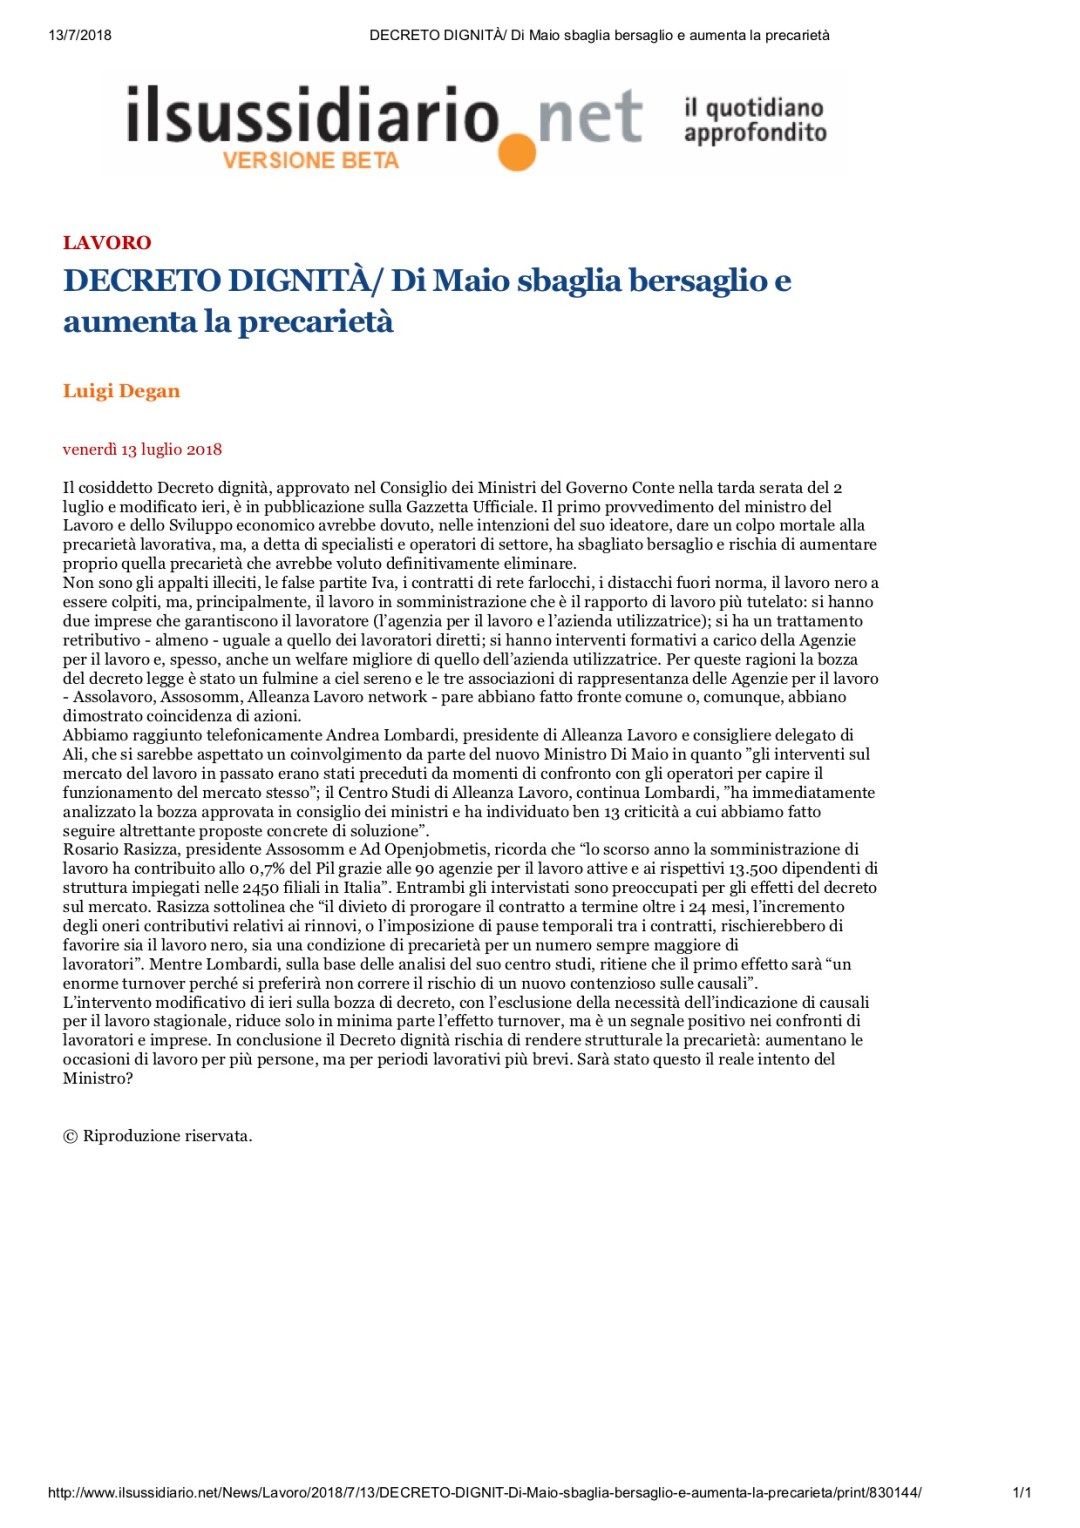 Ilsussidiario.net: Decreto Dignità/ Di Maio sbaglia bersaglio e aumenta la precarietà